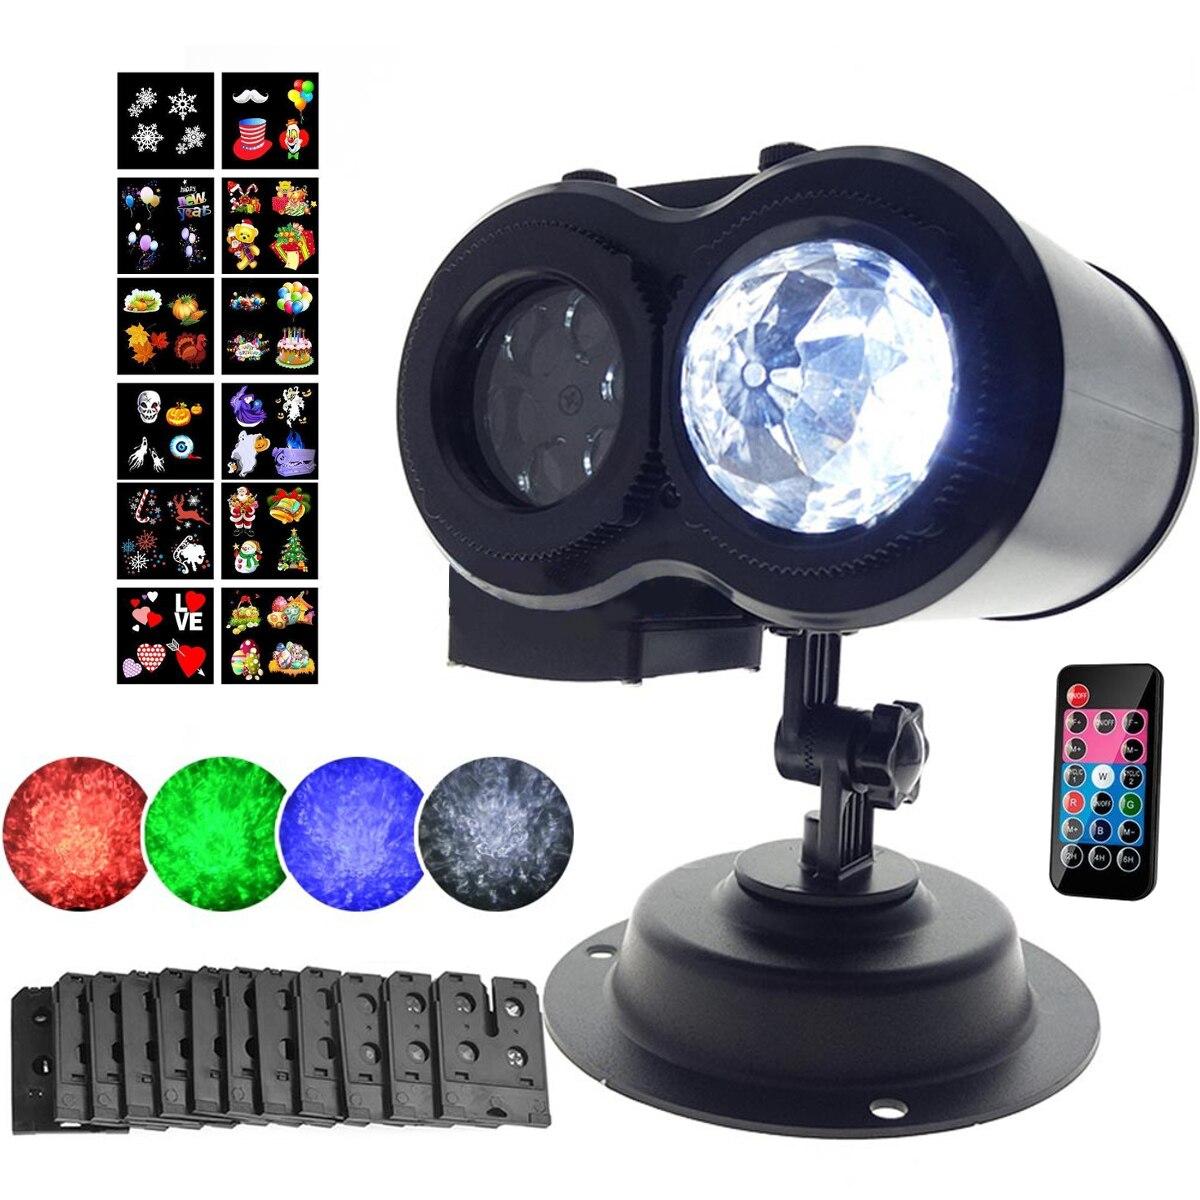 Светодио дный двойной лазерный проектор огни пейзаж лампа Рождество Хэллоуин KTV вечерние лампы Открытый Водонепроницаемый 12 моделей слайд...